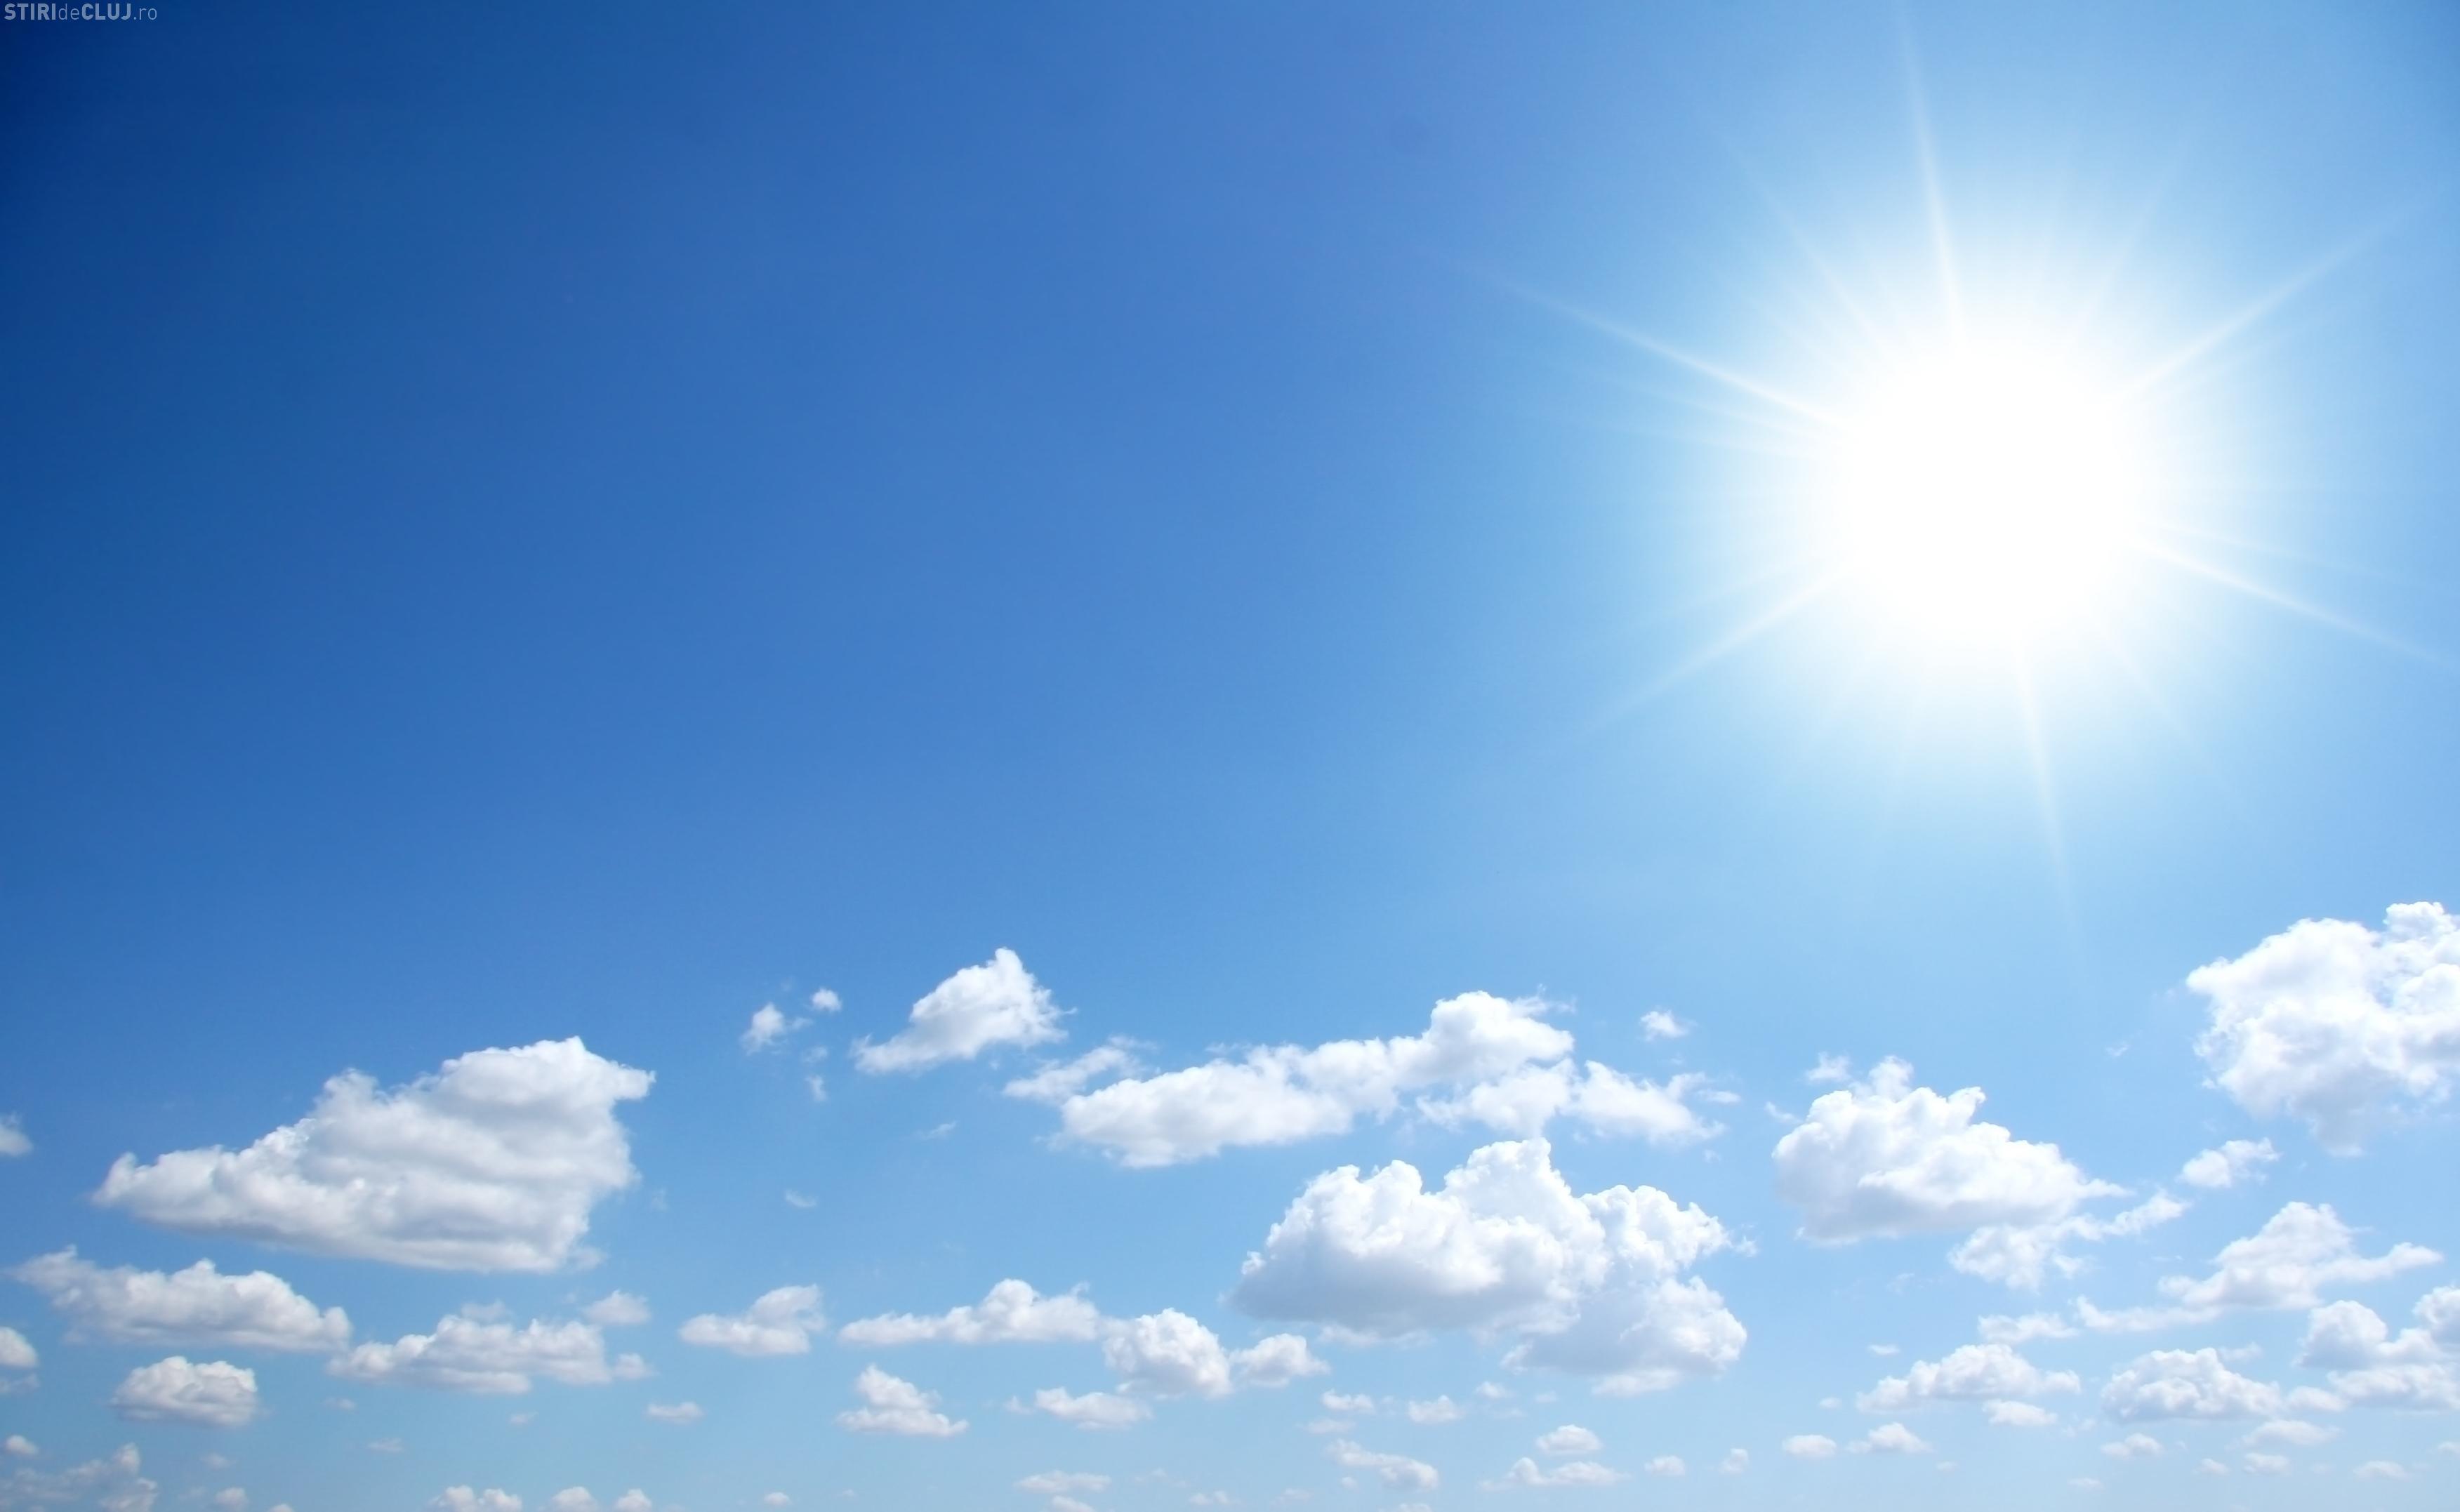 Vremea în următoarele săptămâni. Vezi cât de cald va fi în Transilvania până la 1 iulie